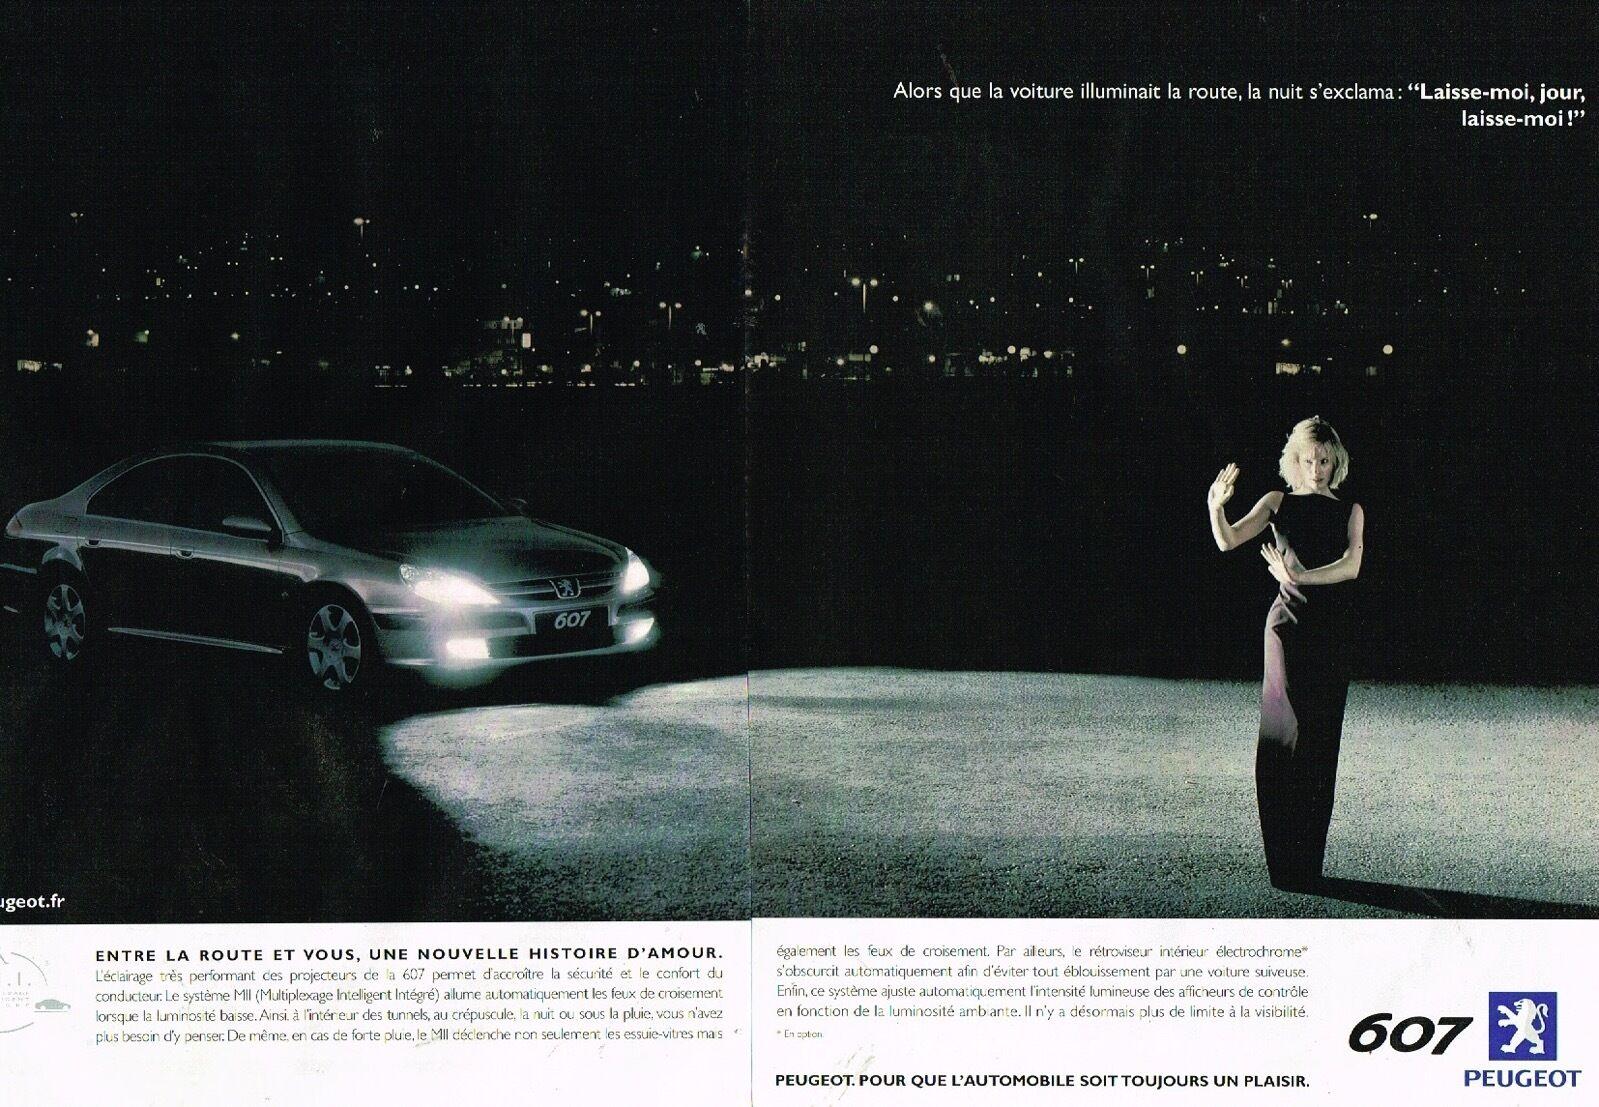 2000 Peugeot 607 A1